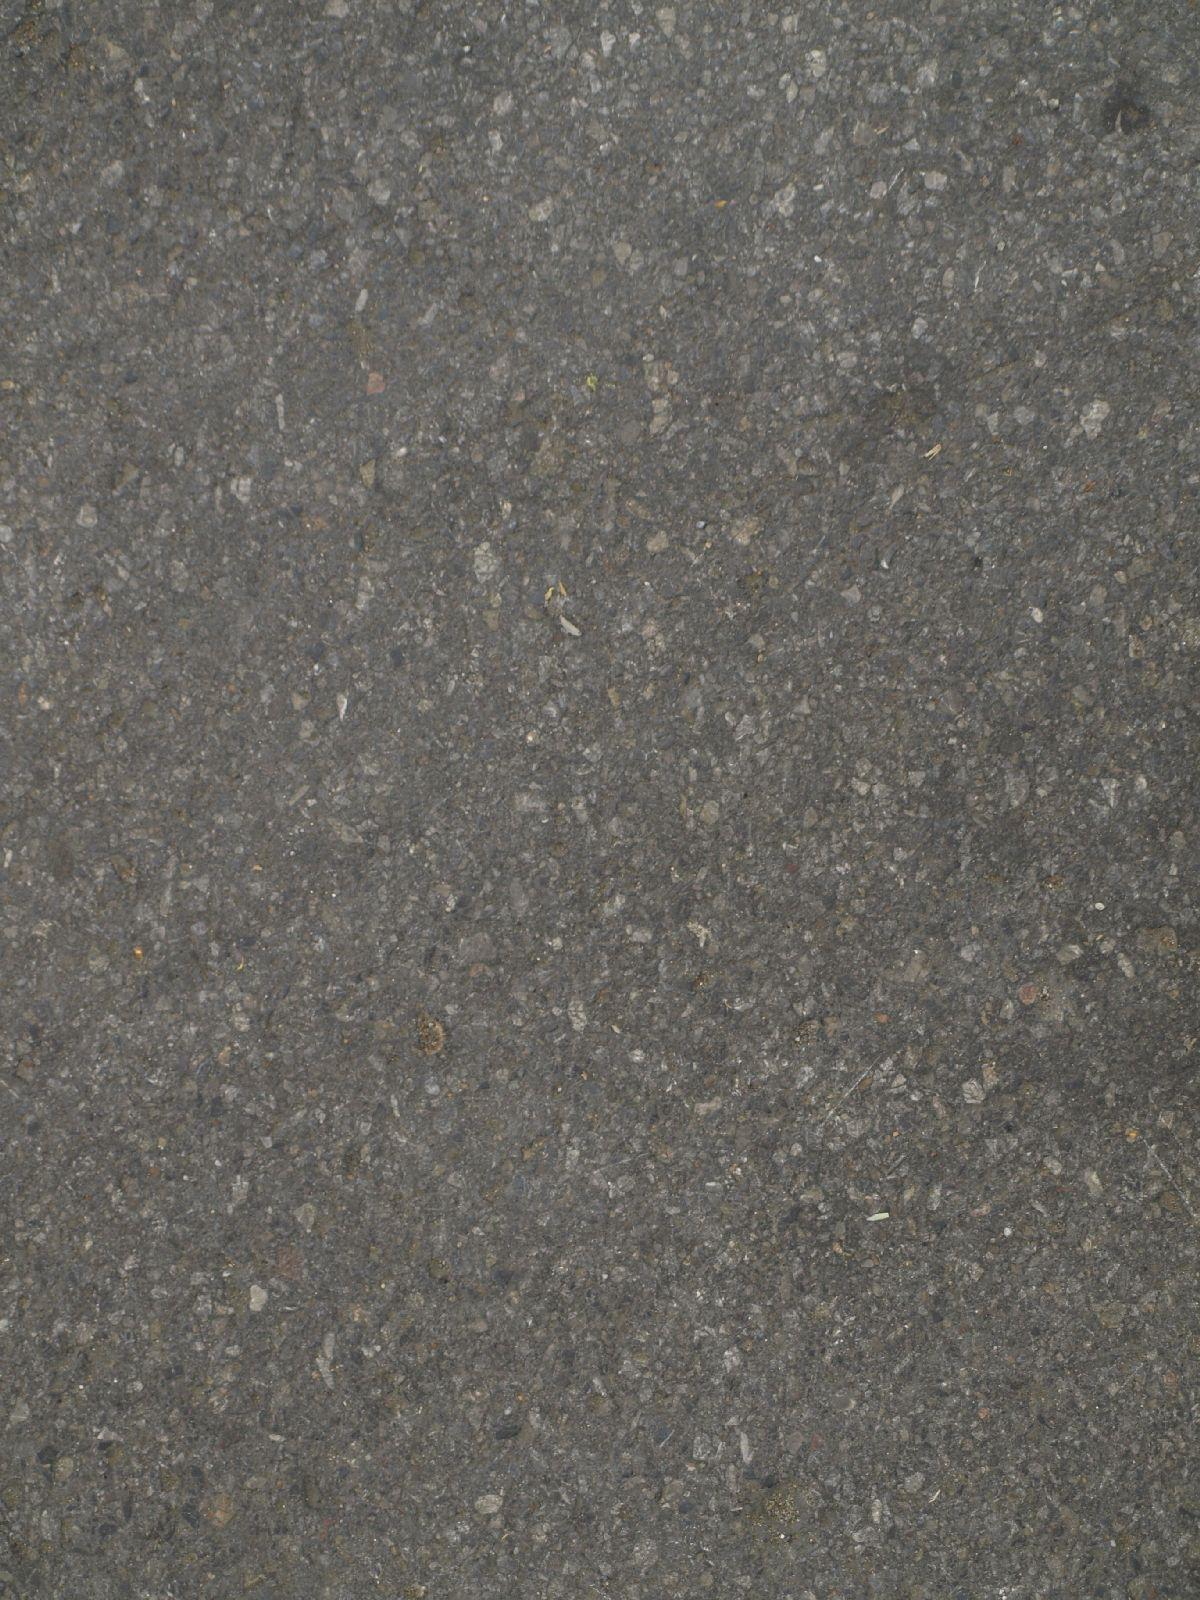 Ground-Urban_Texture_A_P6223677